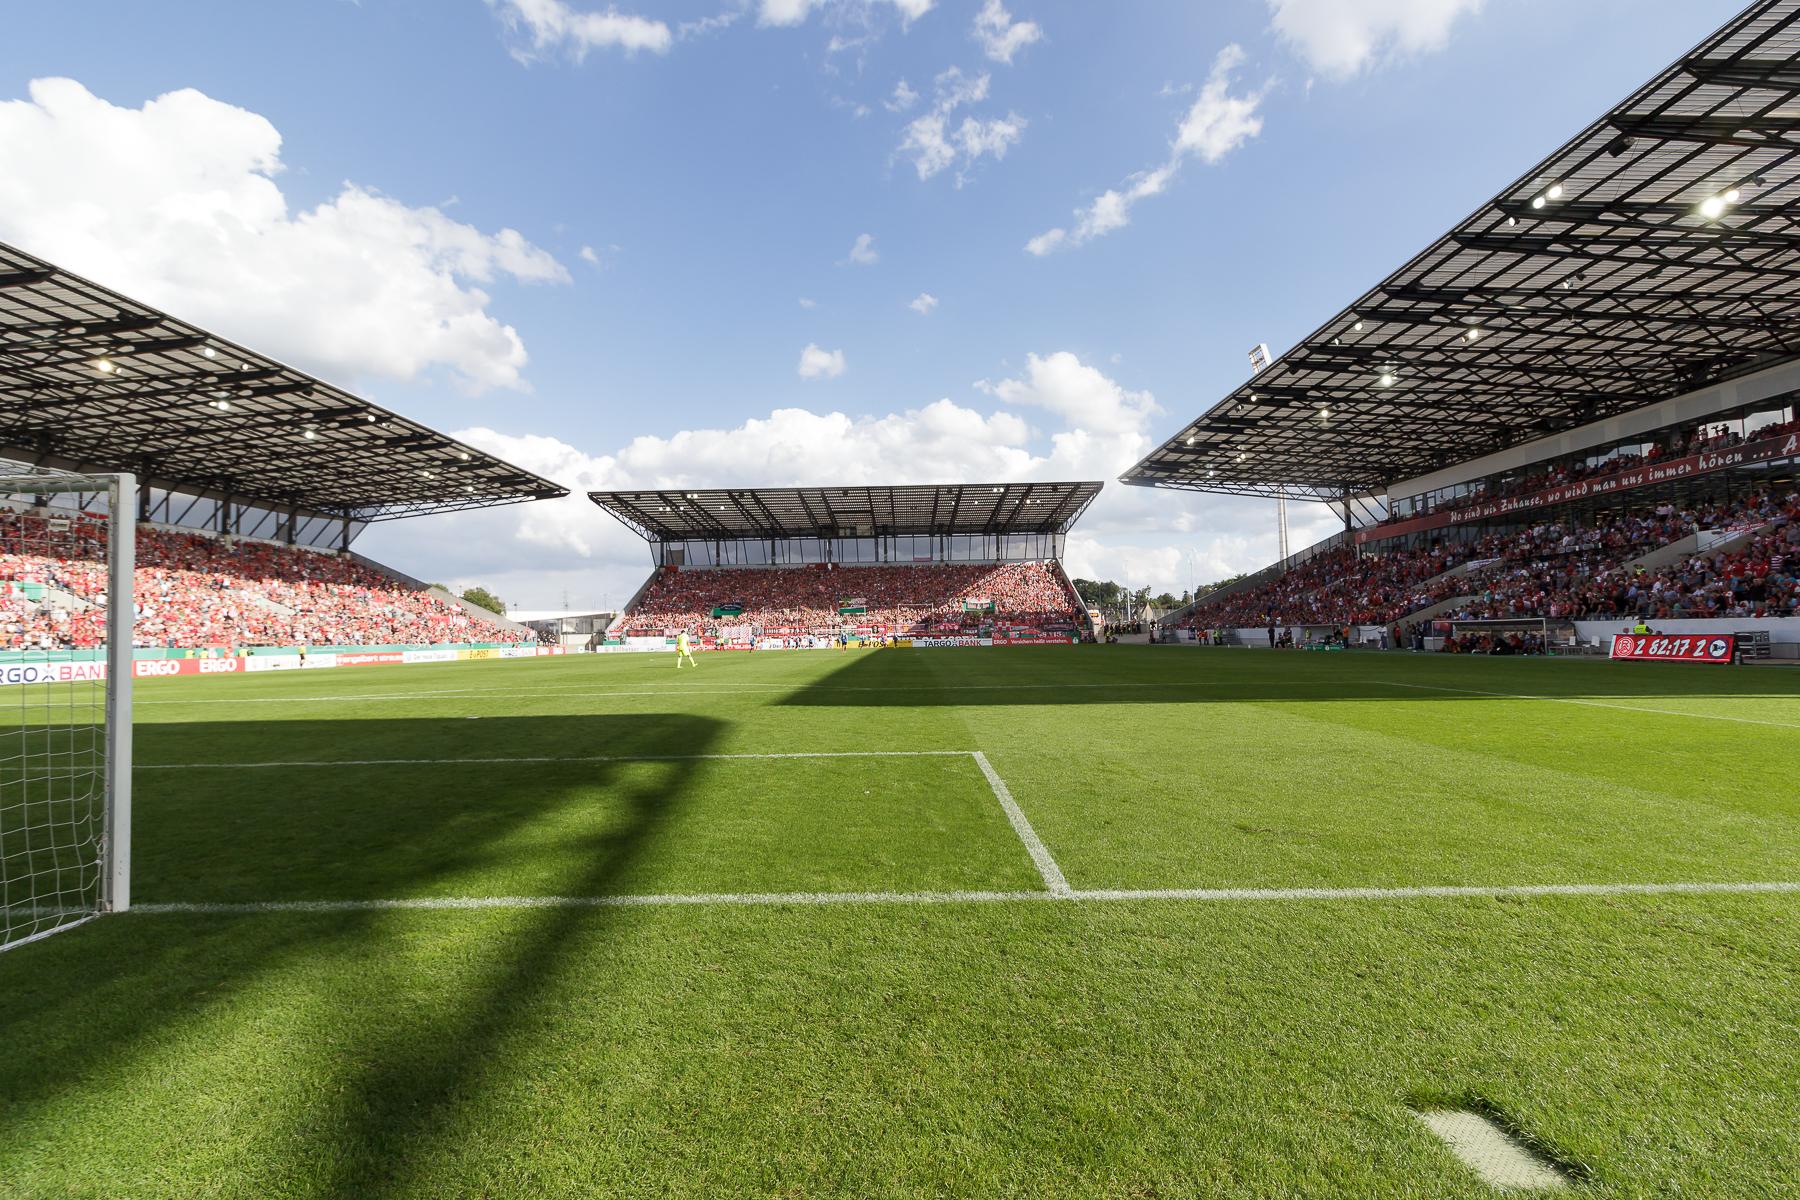 Mit 3965 Dauerkarteninhabern ist RWE Spitzenreiter aller Regionalligisten. (Foto: Endberg)